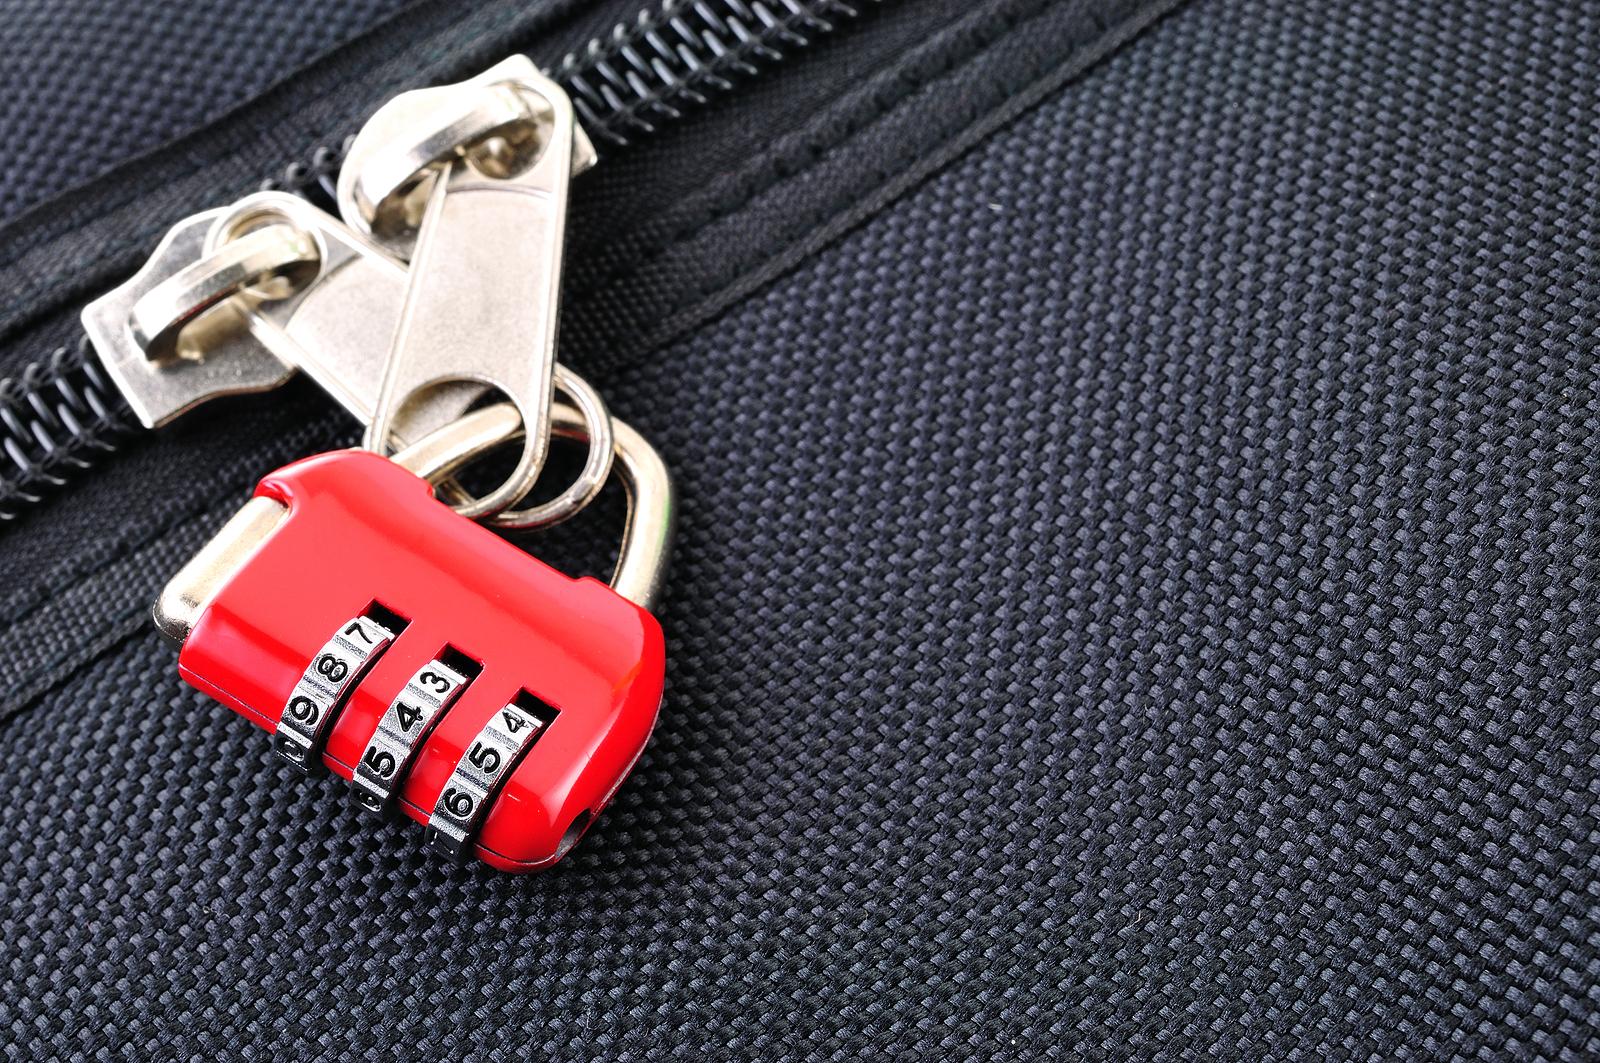 Cadeado para mala de viagem corporativa